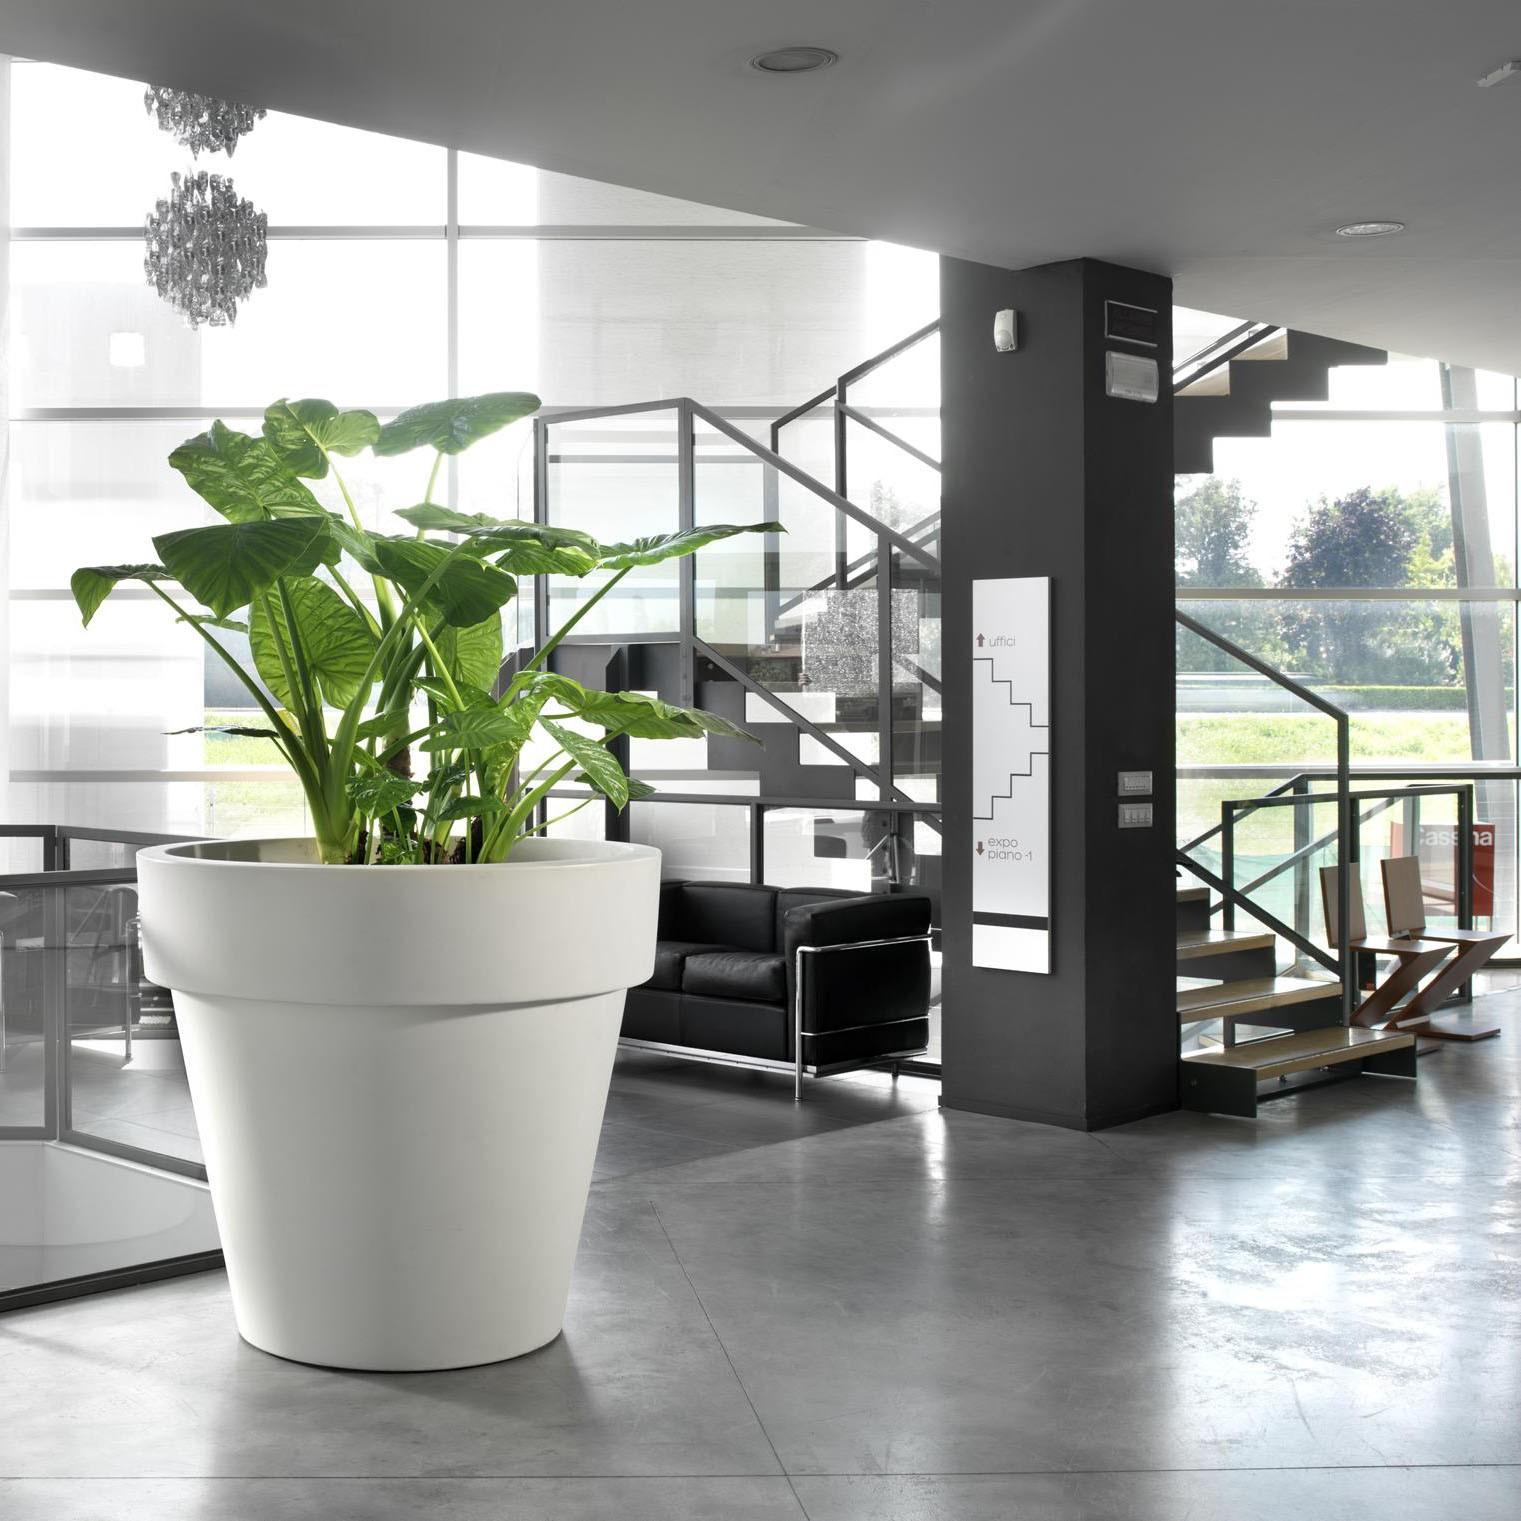 vaso esterno grandi dimensioni standard one vendita online